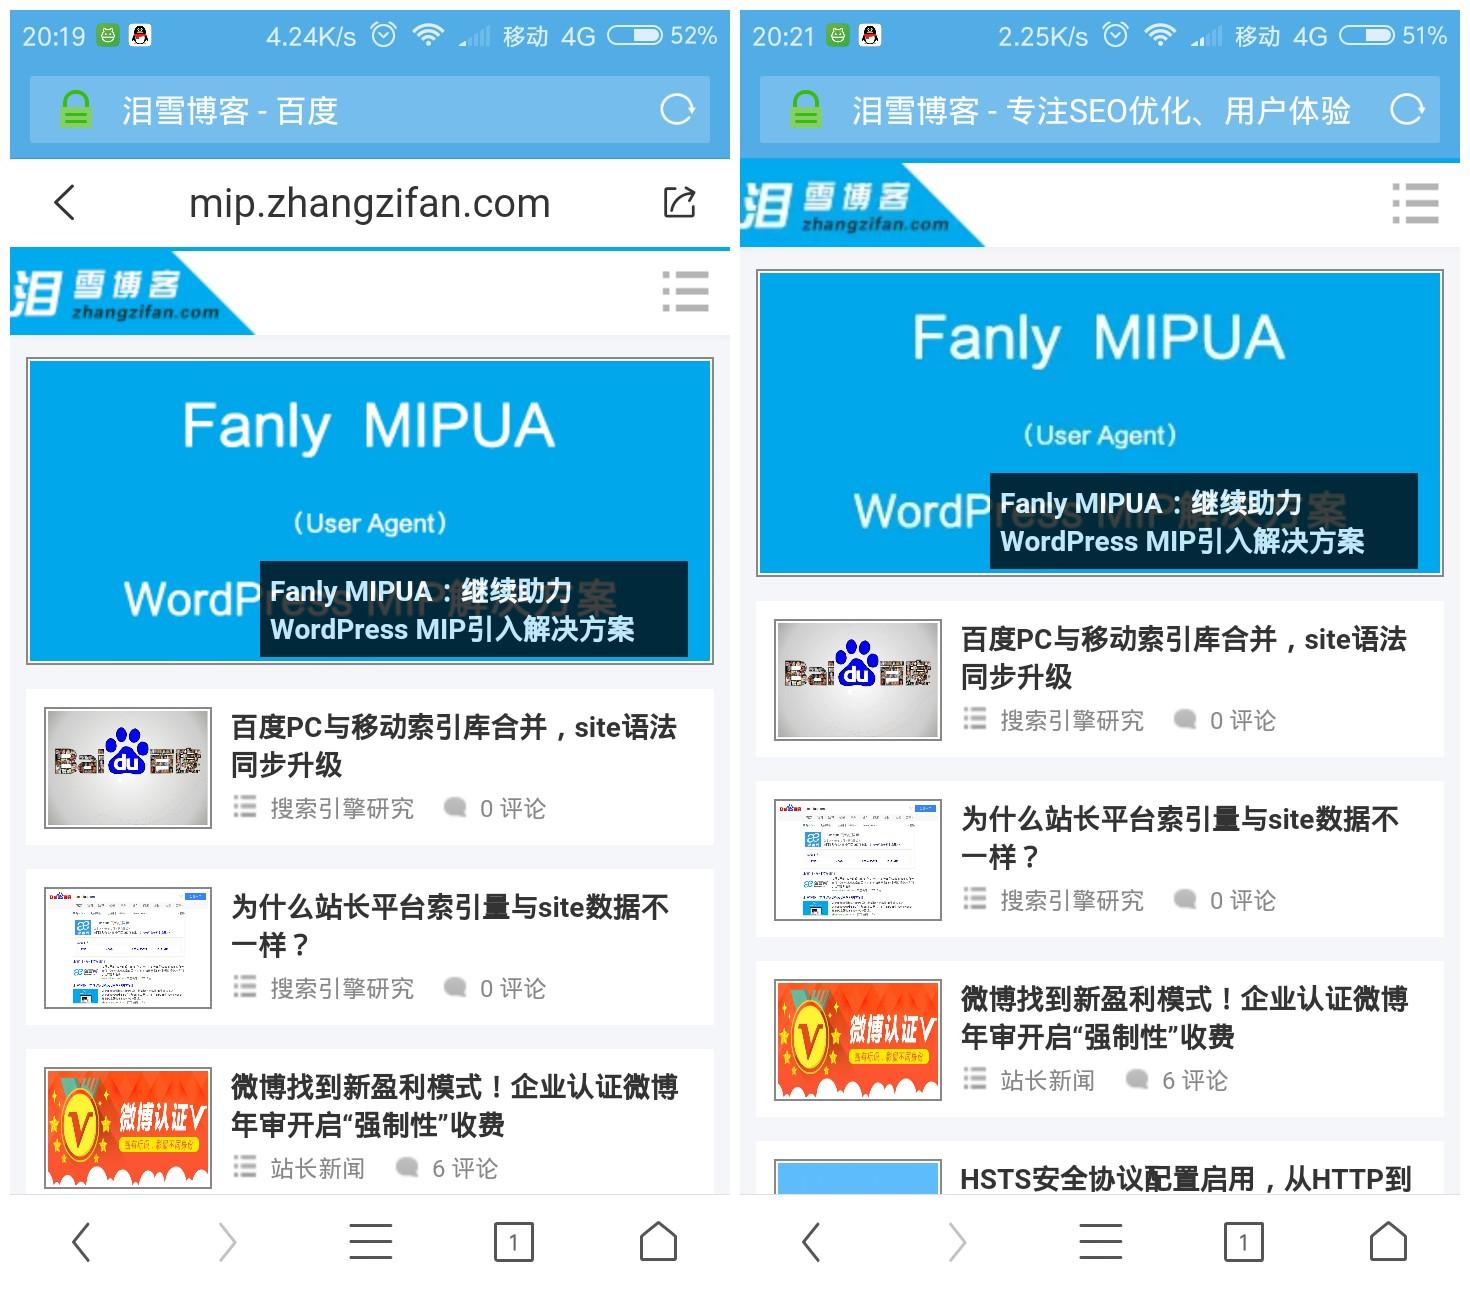 百度 MIP 与 UC 浏览器